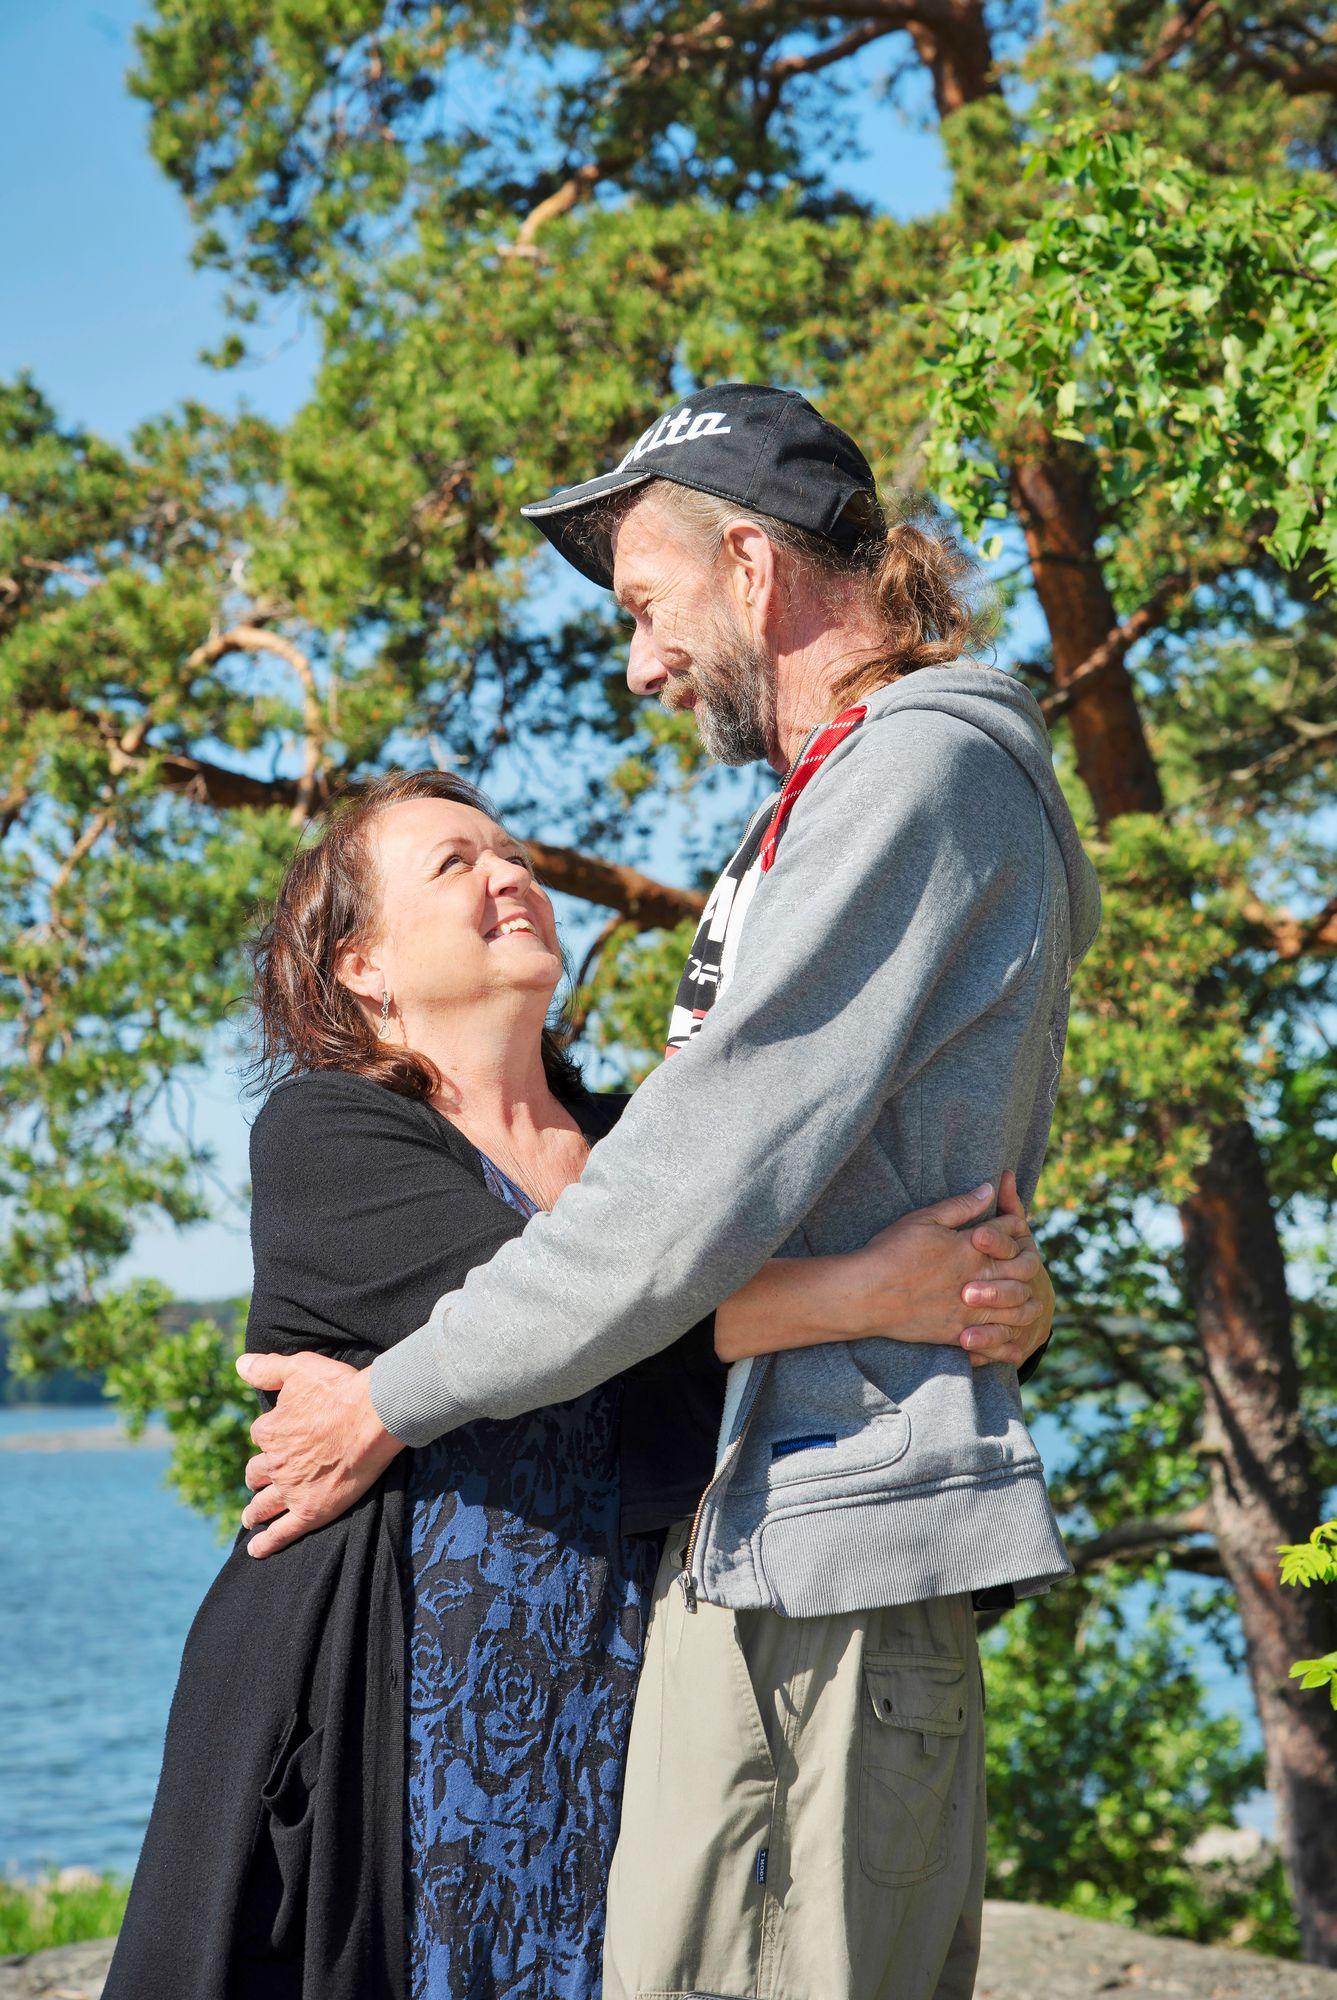 """EIJA HEIKISTÄ: """"Heikki on vakaa, mutta äijän sisällä pilkistää herkkyys. Näen hänessä ylikasvaneen pikkupojan, mutta kuitenkin aikuisen."""" © Susa Junnola"""